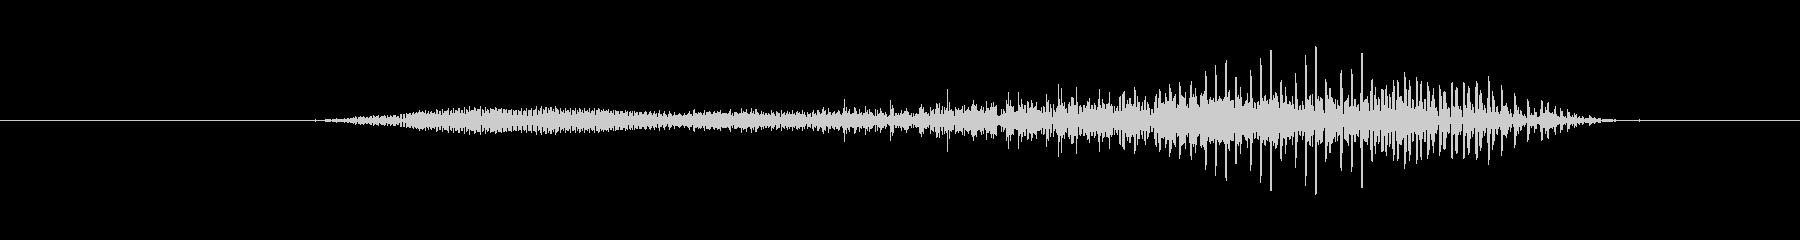 鳴き声 男性の攻撃シャウトロング06の未再生の波形